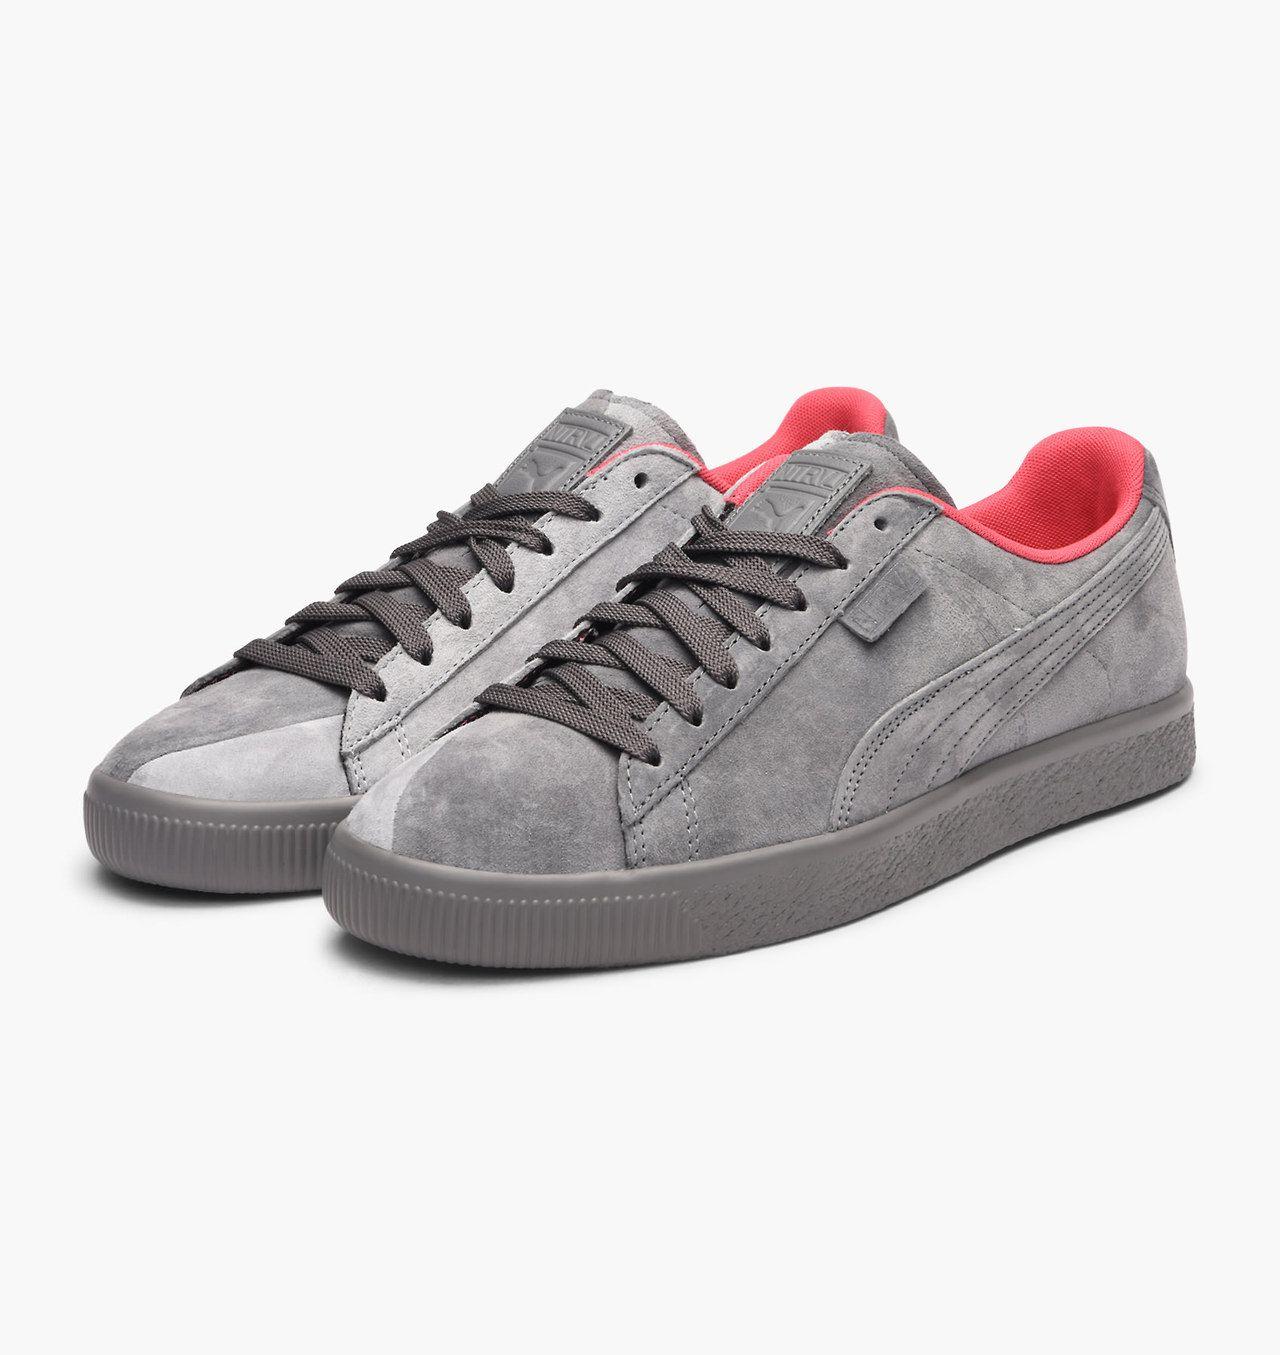 STAPLE x Puma Clyde 'NTRVL' (via Kicks ) | Sneakers